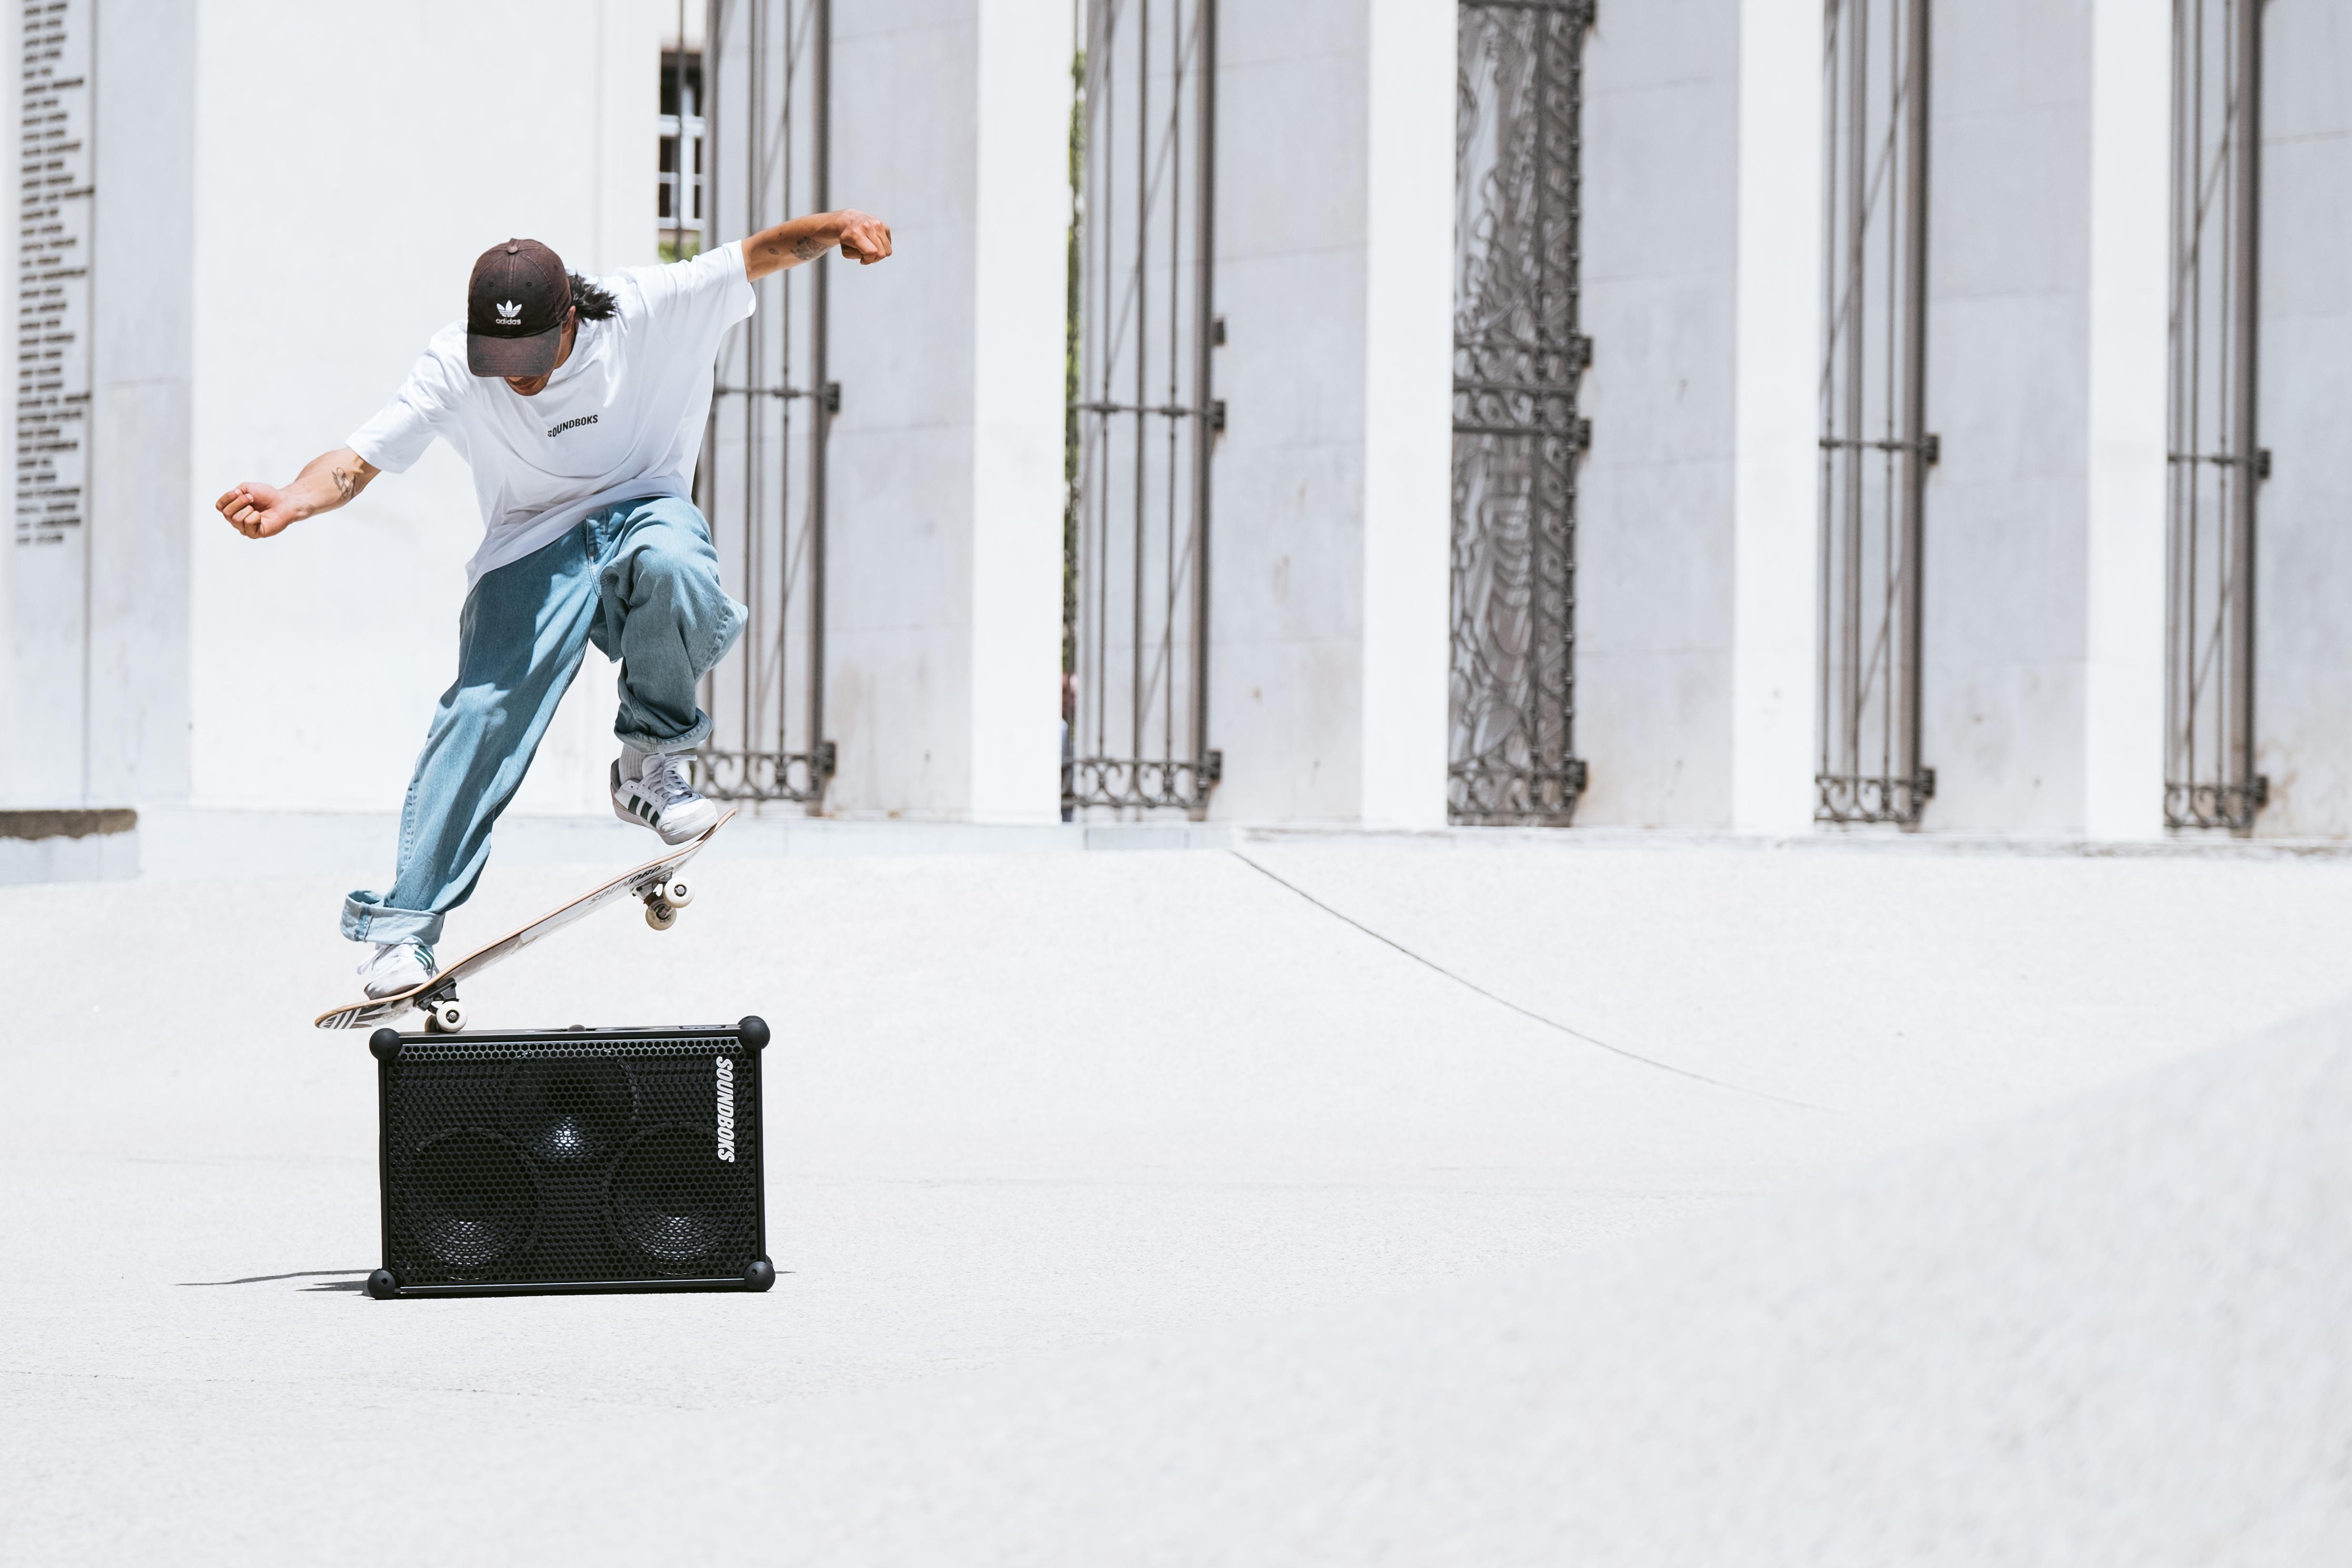 Daniel Ledermann skating Landhausplatz